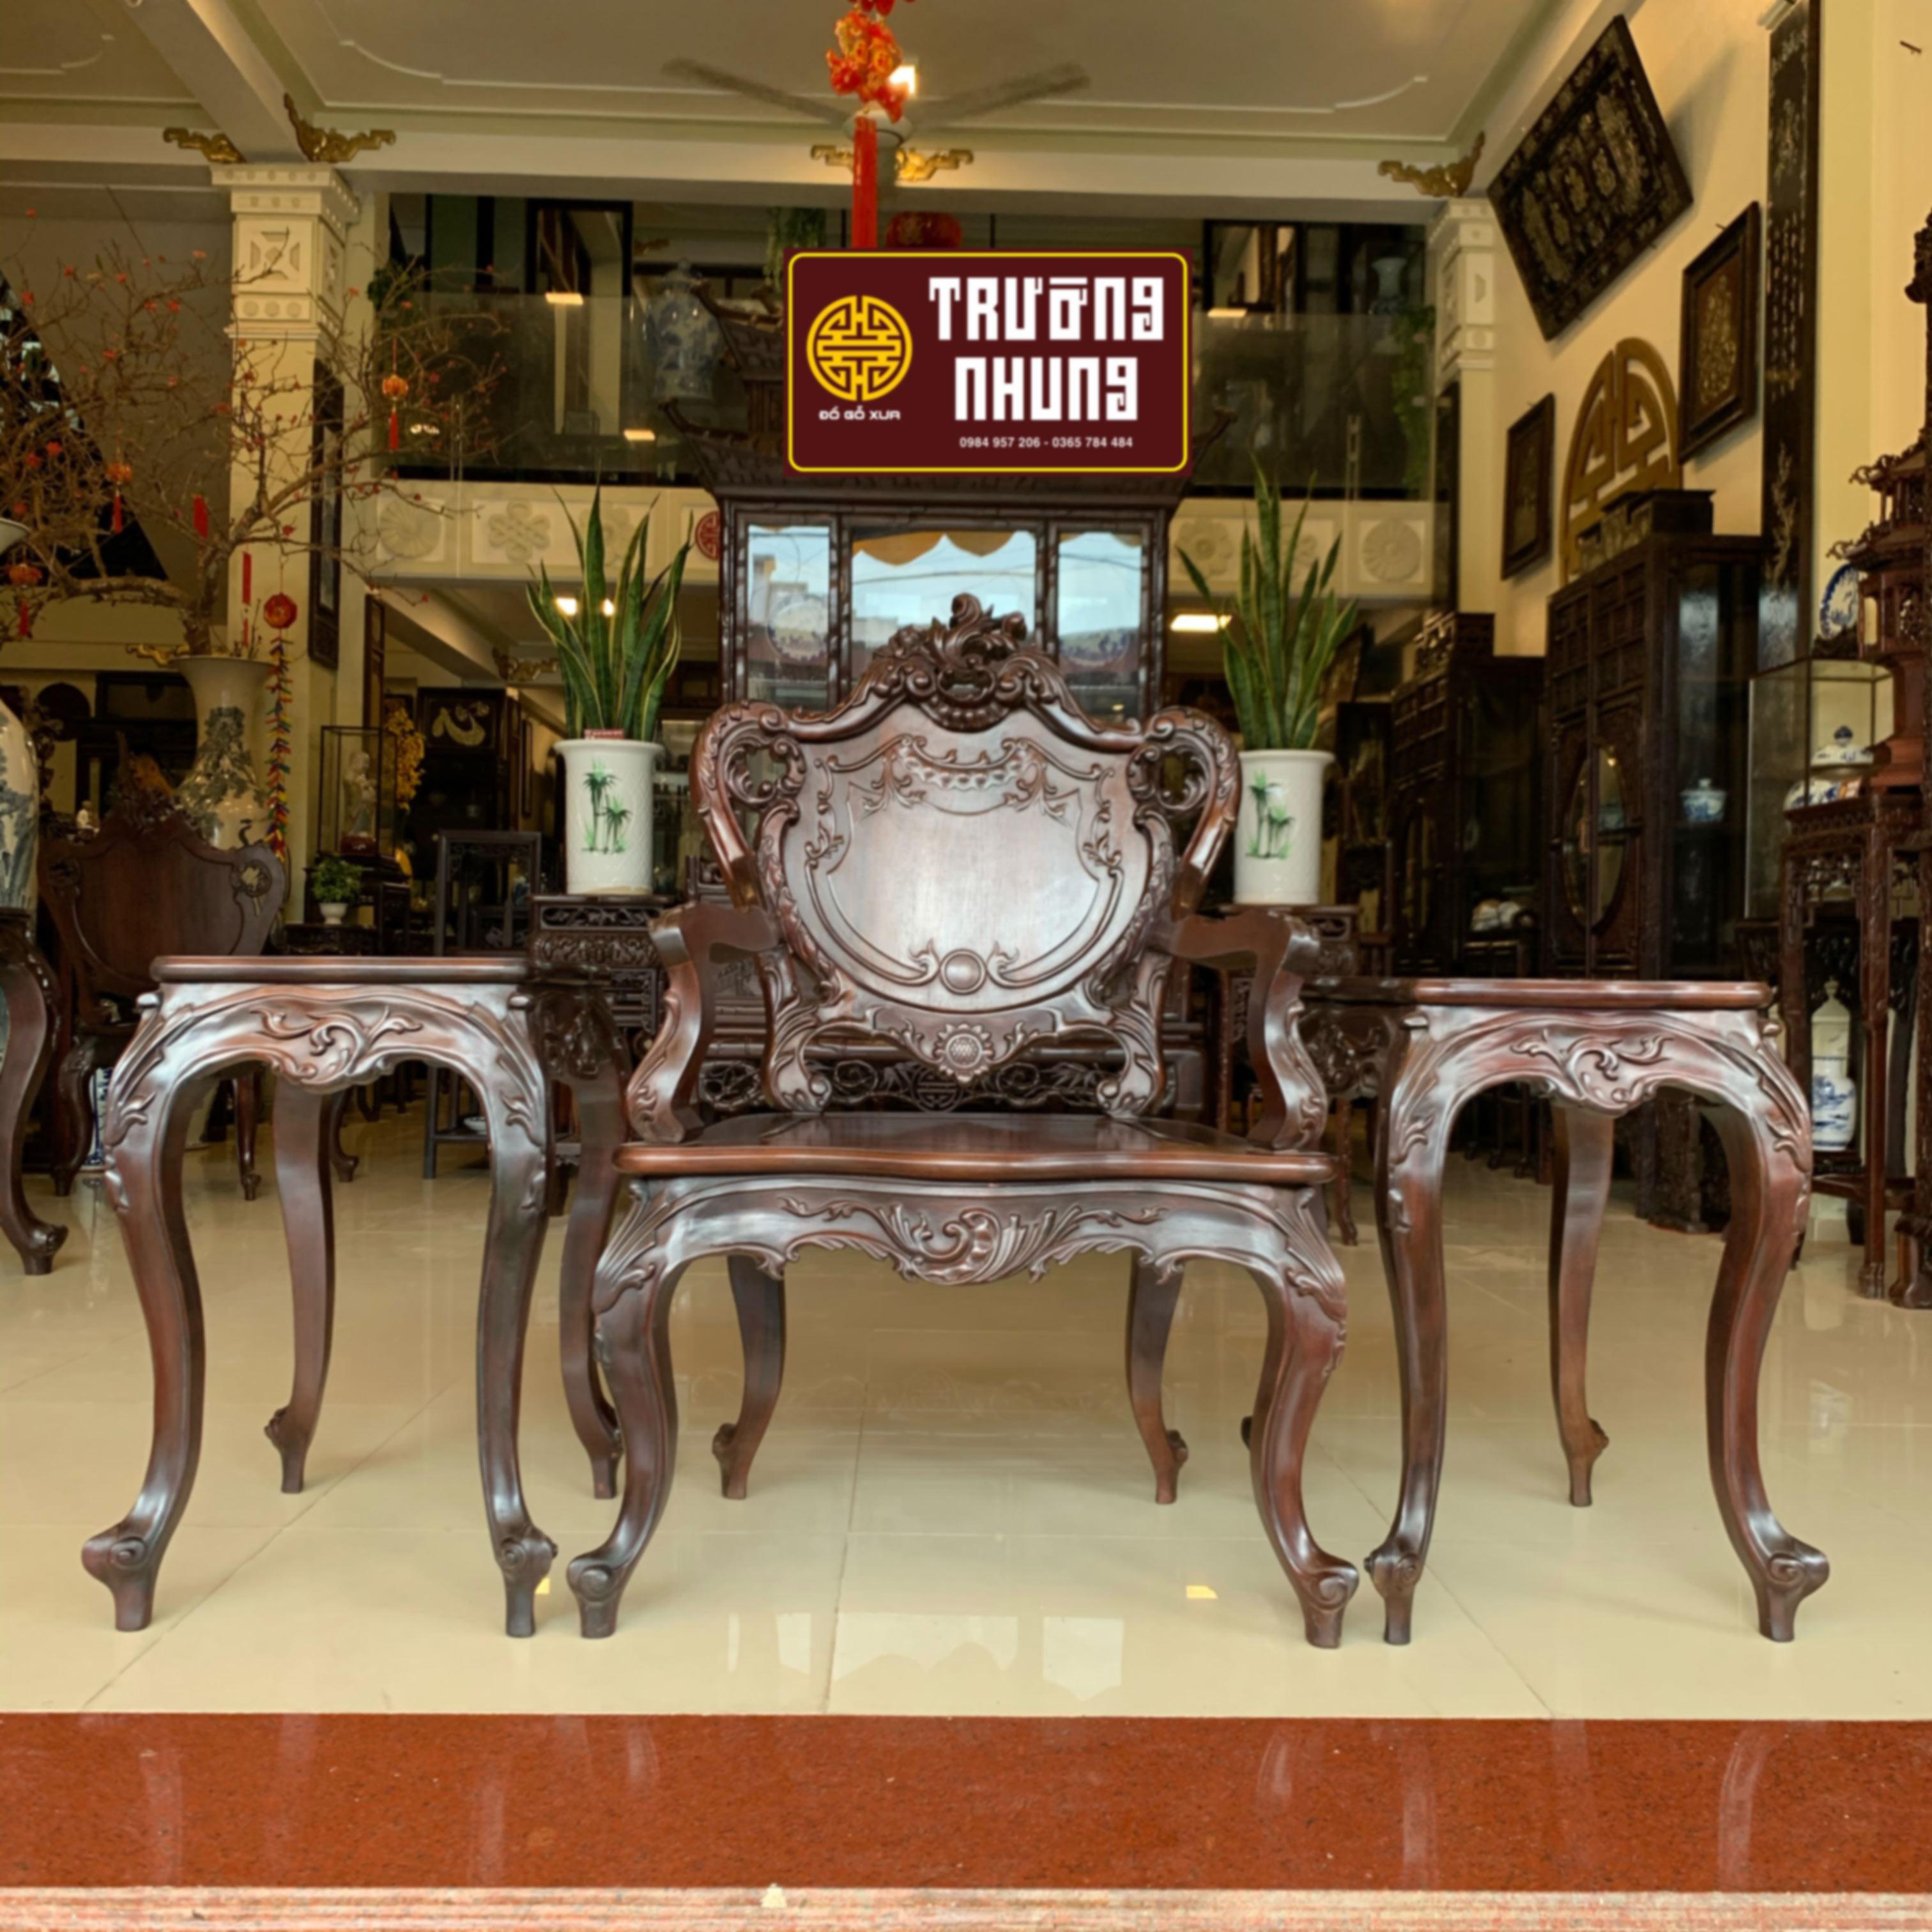 bộ 3  - bộ - ghế - Louis - gỗ - gụ - mật - ĐỒ - GỖ - CỔ - XƯA - ĐẸP - TRƯỜNG - NHUNG